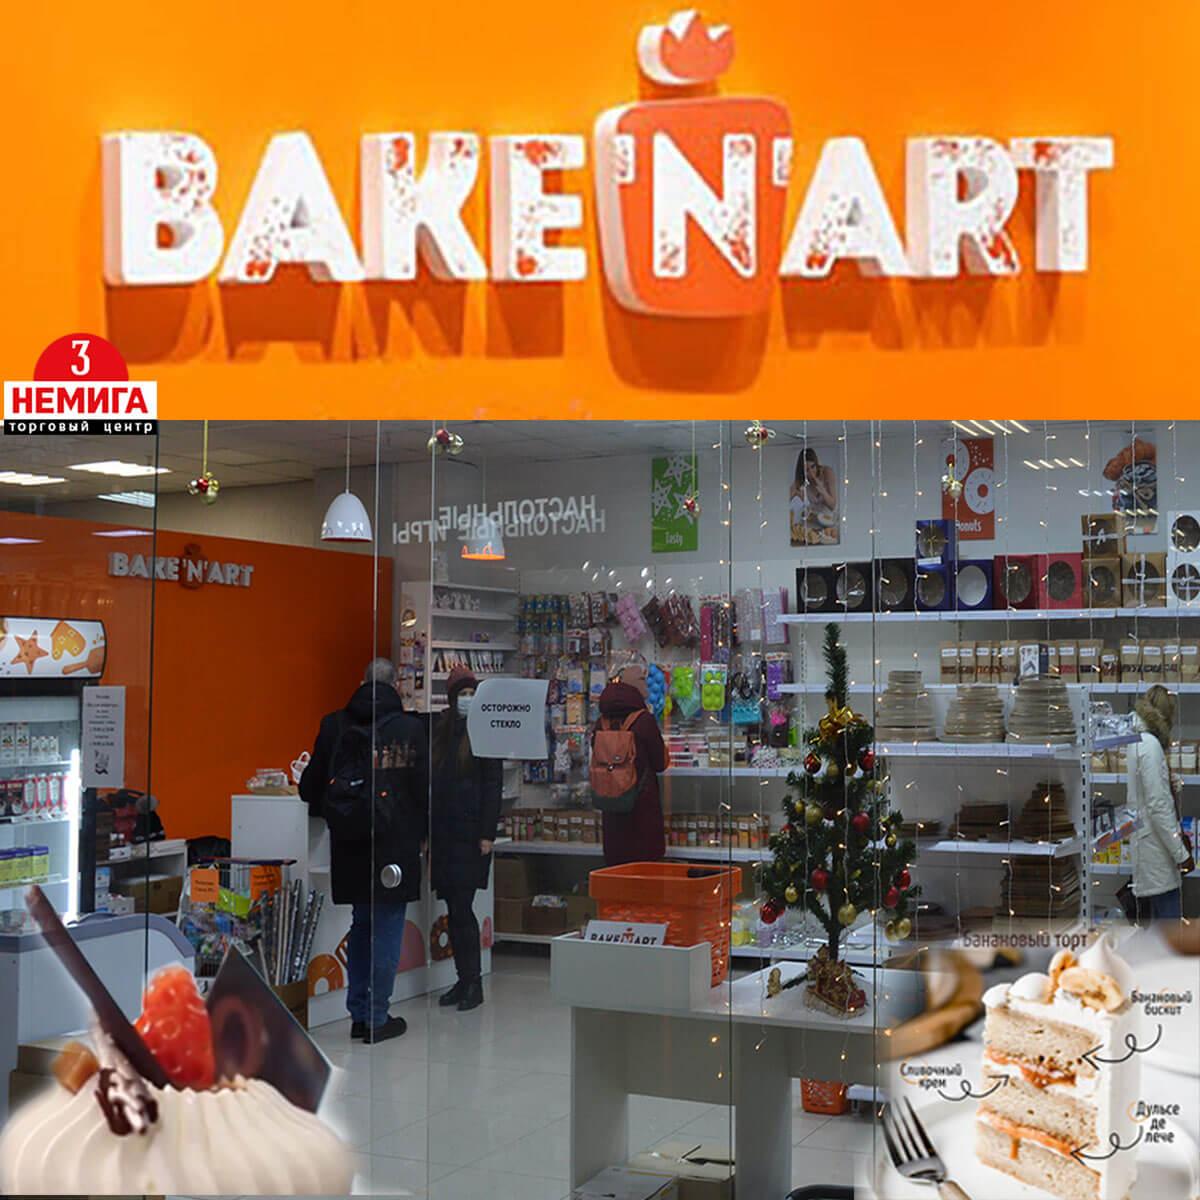 Открылся новый магазин BAKE'N'ART - всё для кондитера - необходимые ингредиенты и инструменты для кондитеров профессионалов, и для любителей вкусных, оригинальных десертов в Торговом Центре «Немига 3»